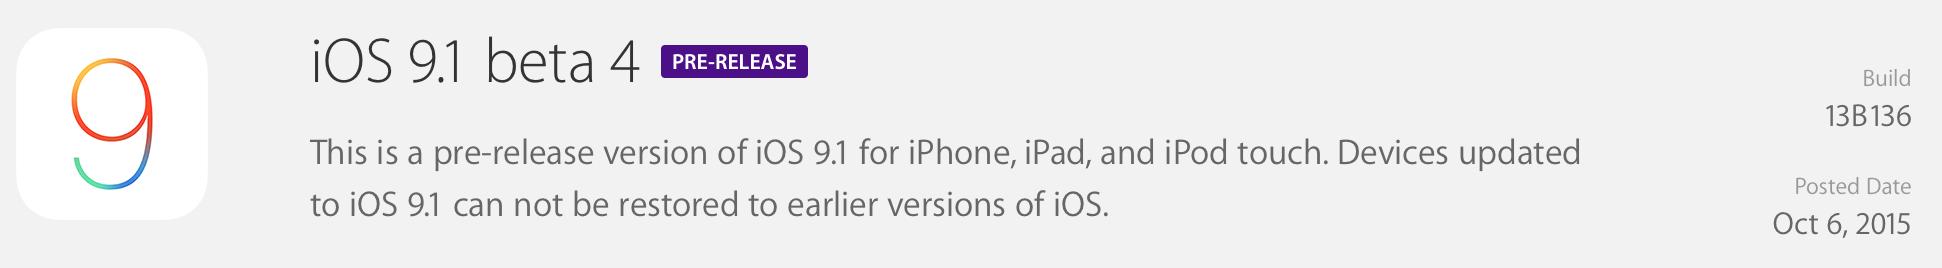 iOS 9 Beta Release Notes-bildschirmfoto-2015-10-06-um-21.01.53.png